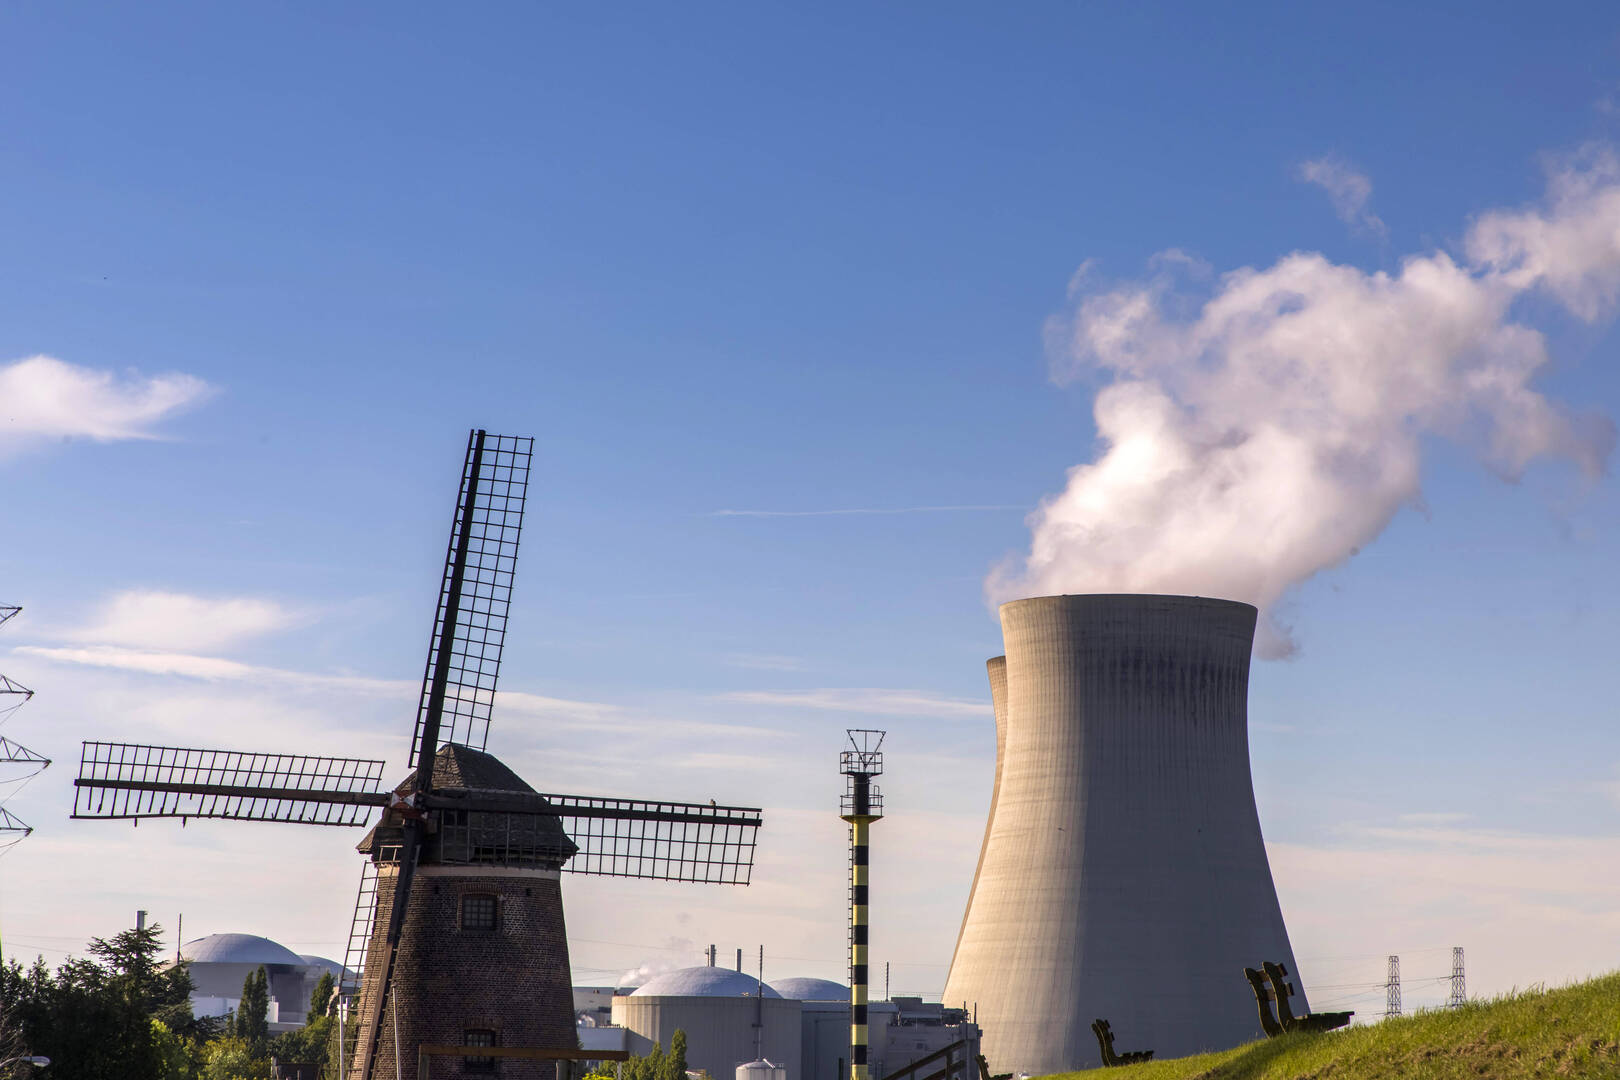 بلجيكا توقف تشغيل مفاعل نووي بسبب تسرب محتمل للهيدروجين